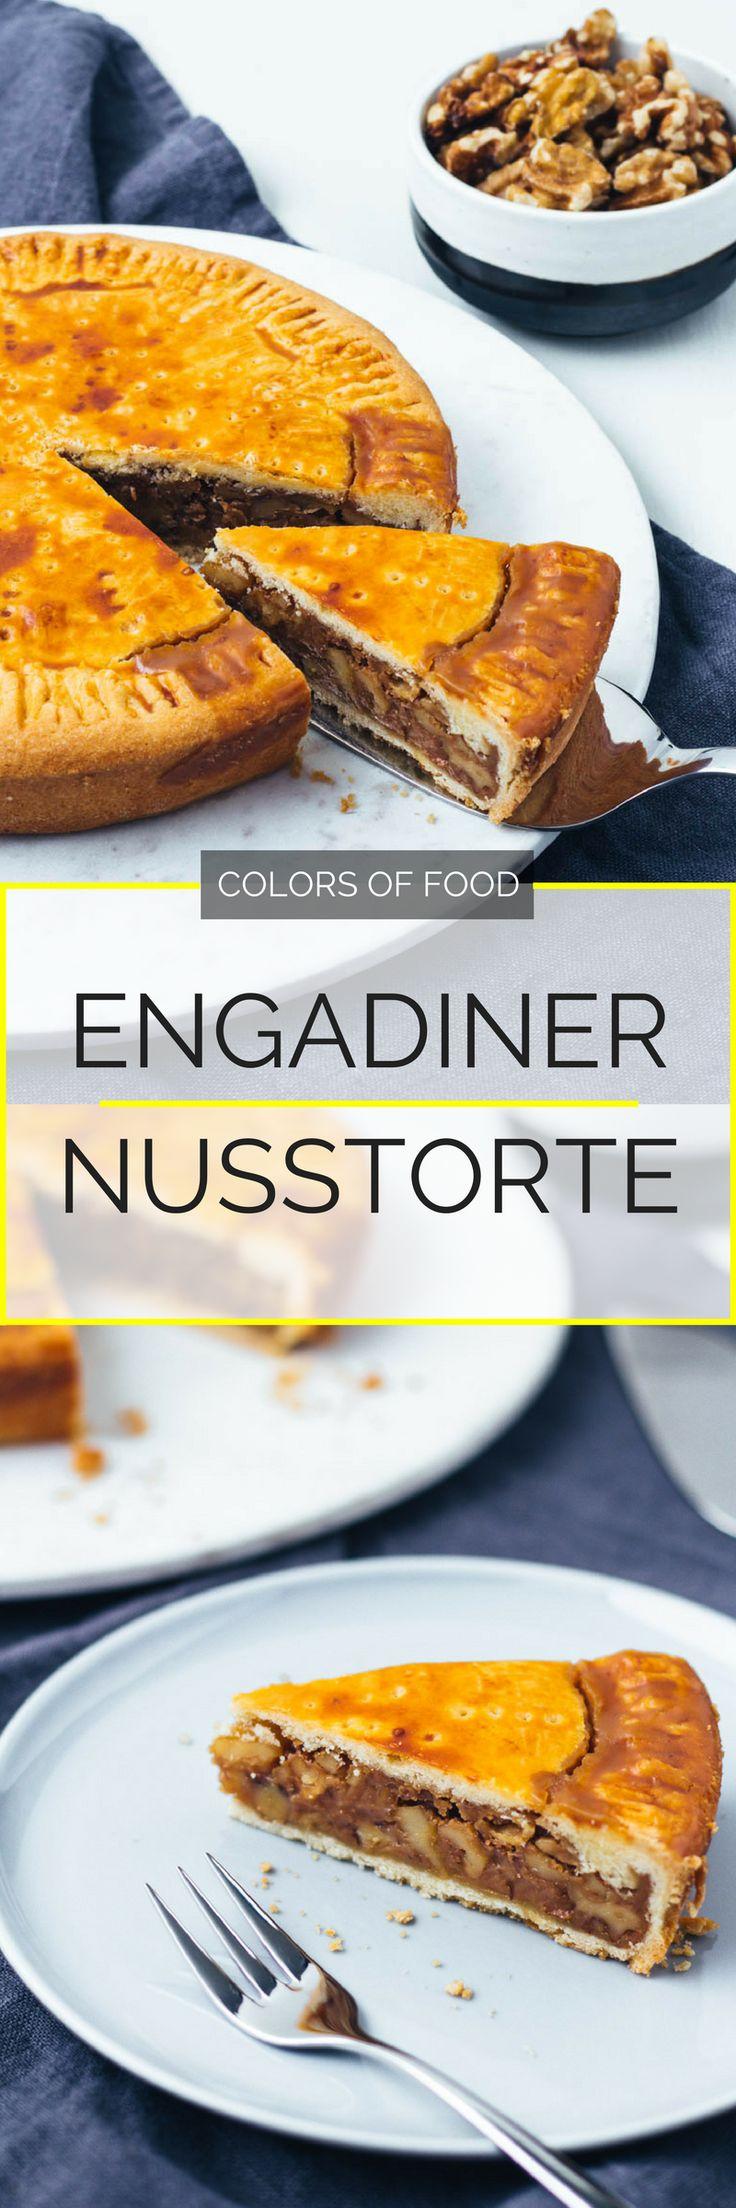 Du suchst nach einer leckeren und unkomplizierten Nusstorte? Dann ist dieser Schweizer Torten Klassiker mit Walnüssen genau der Richtige für dich!